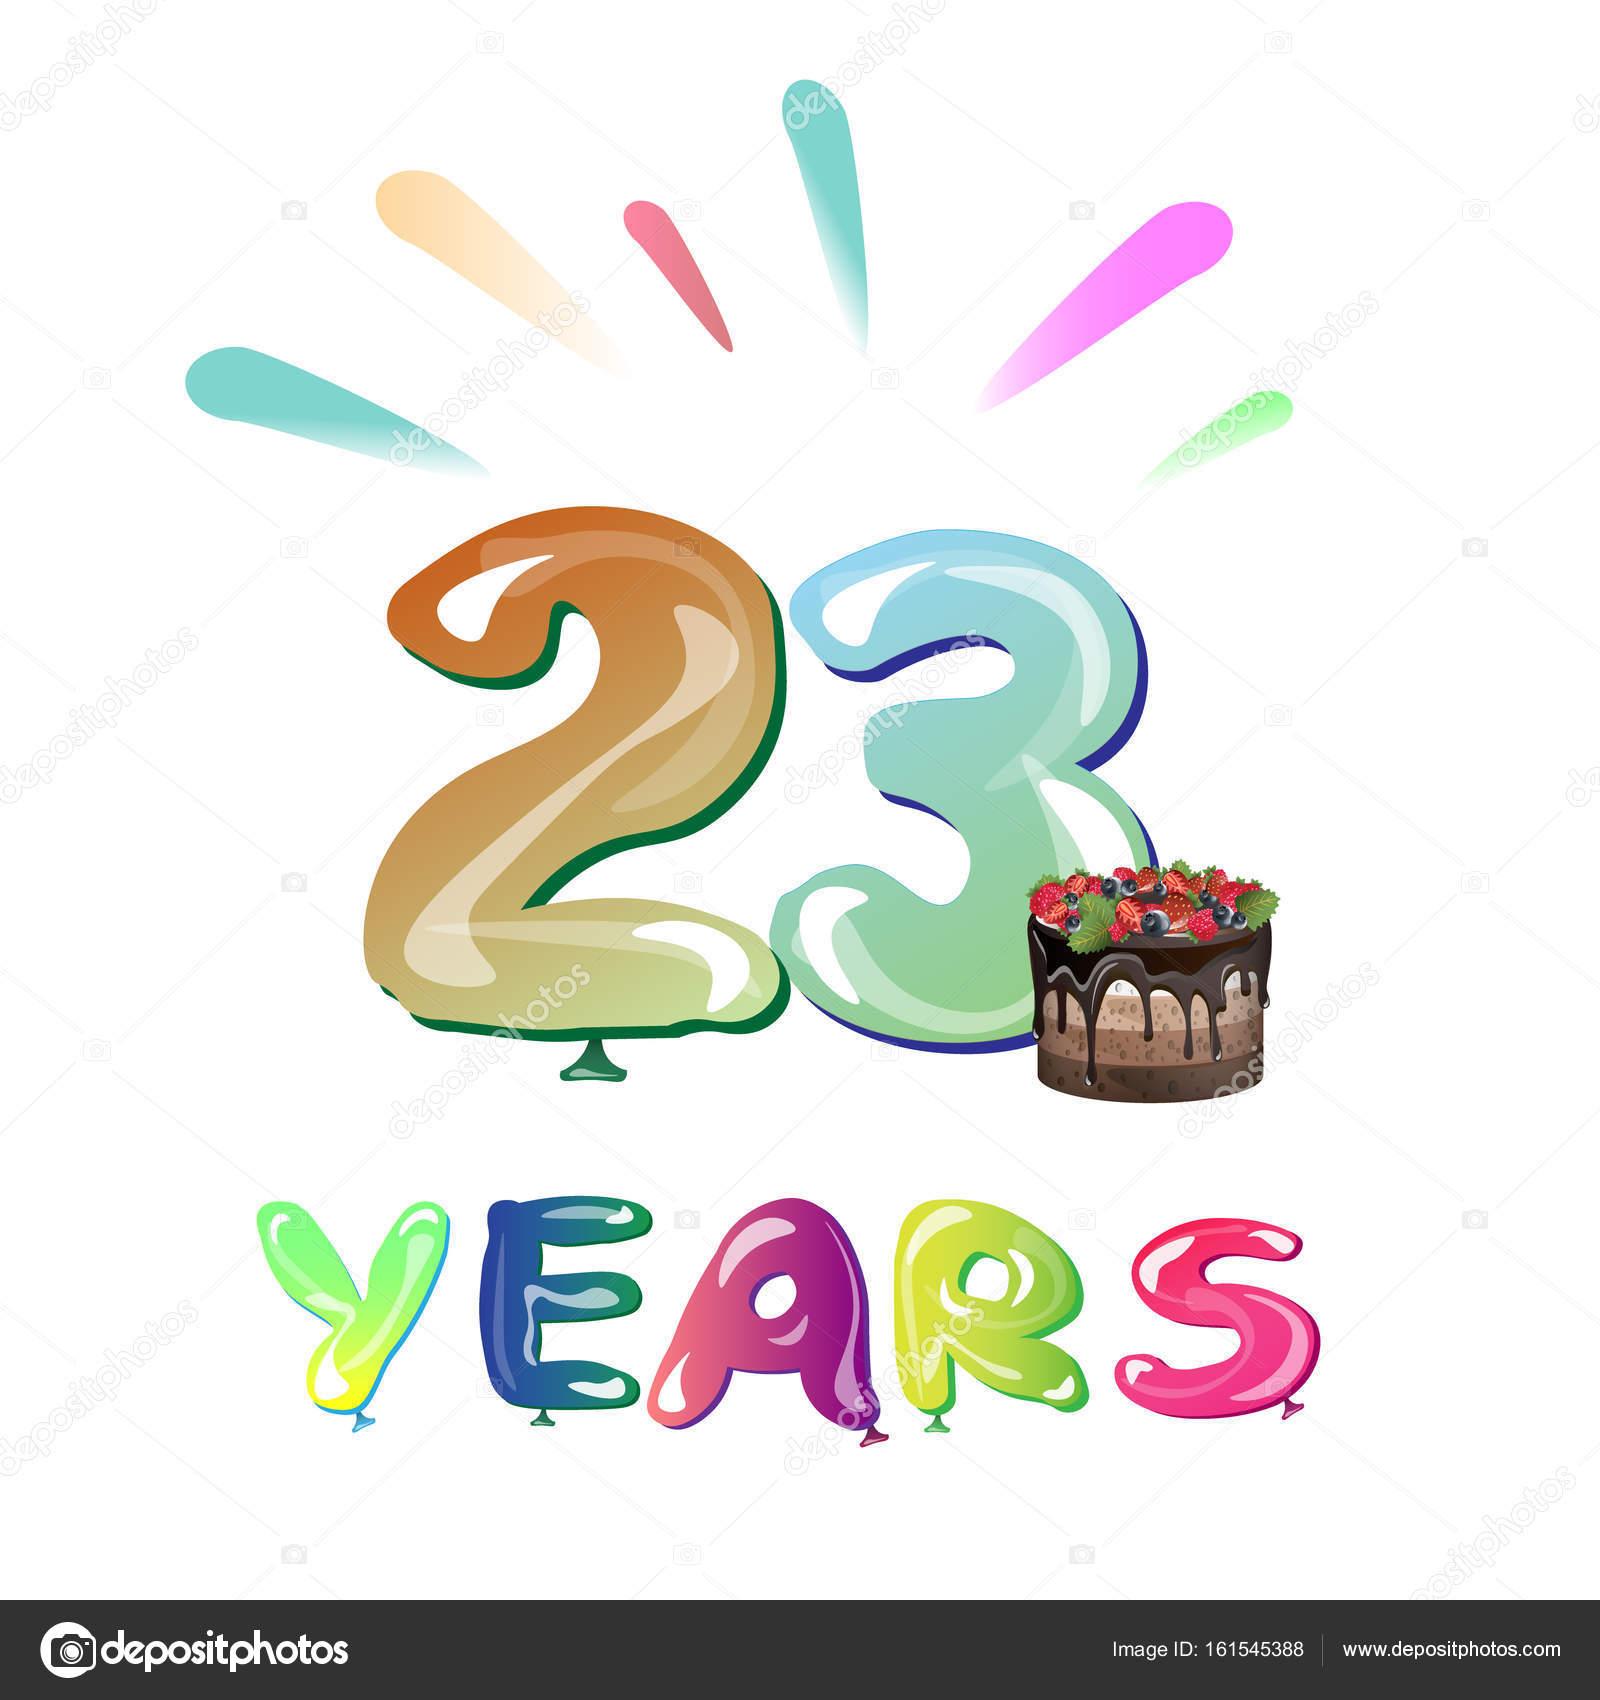 grattis på 23 årsdagen Grattis på årsdagen 23 år — Stock Vektor © sasha_zerg #161545388 grattis på 23 årsdagen